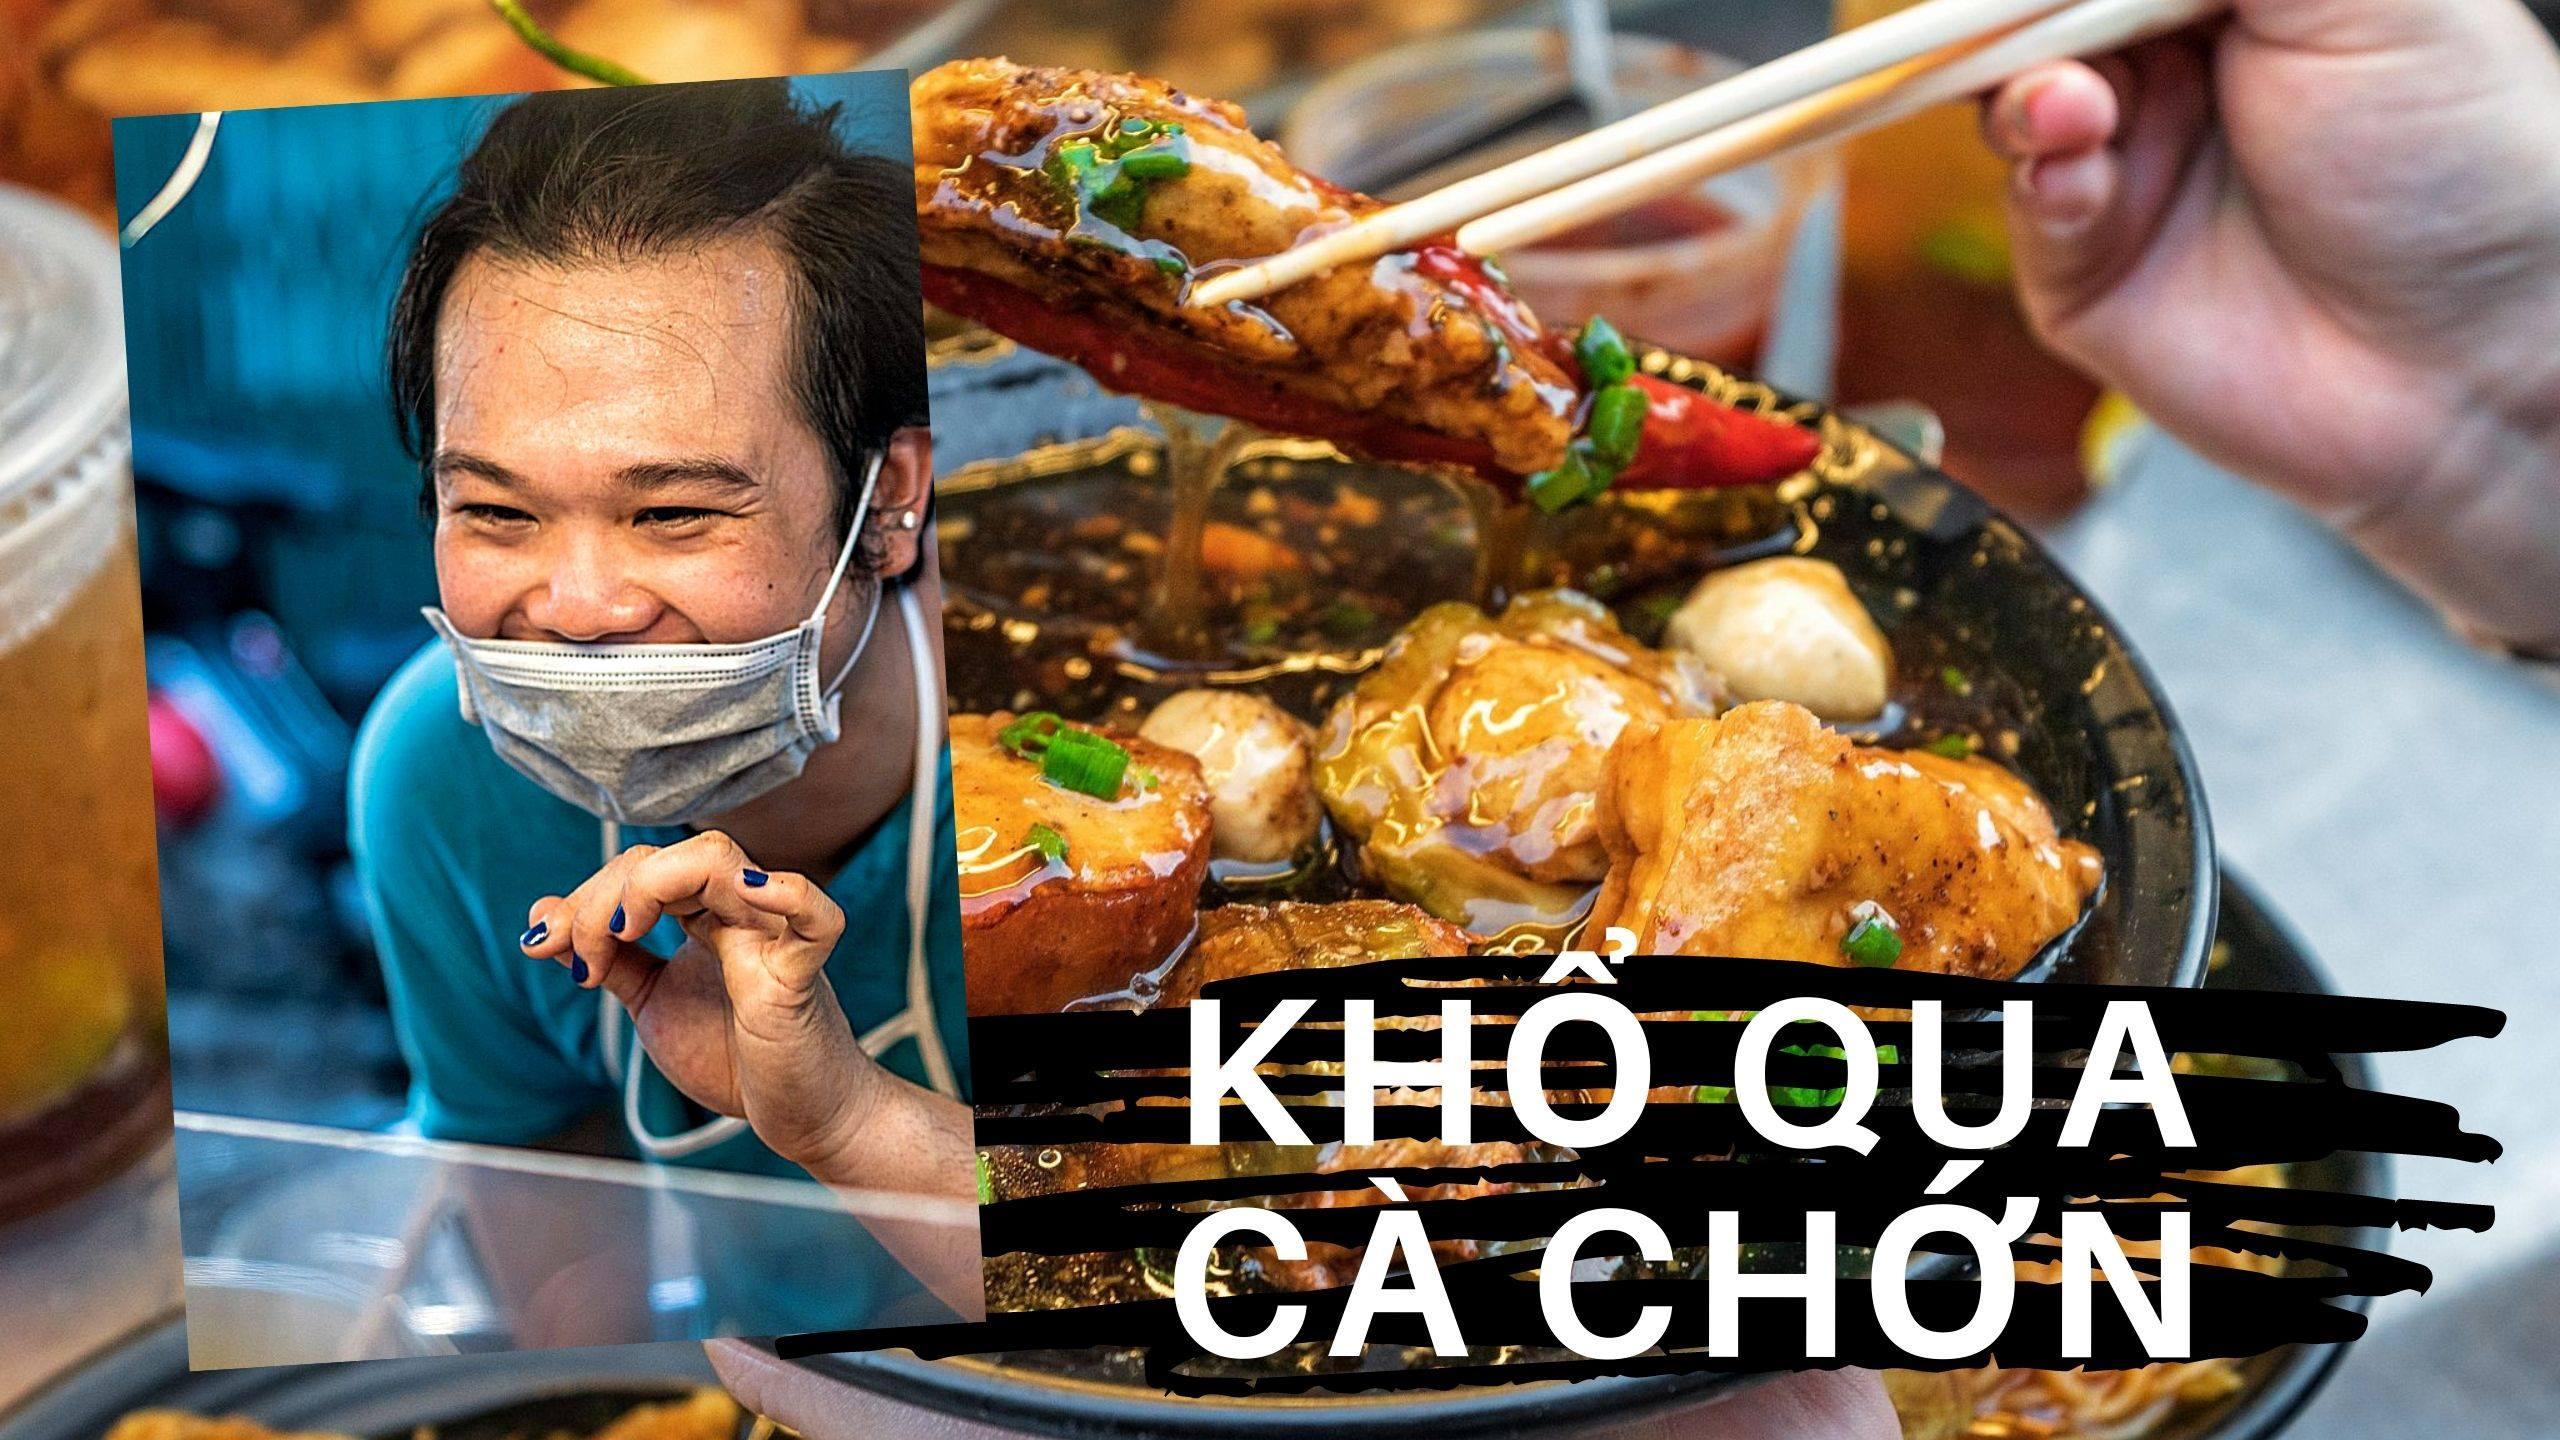 """Vào bếp cùng """"nữ hoàng truyền thông"""" Nguyễn Phạm Khánh Vân: Bánh giò, bánh bao, bánh dày nóng hổi đê 16"""